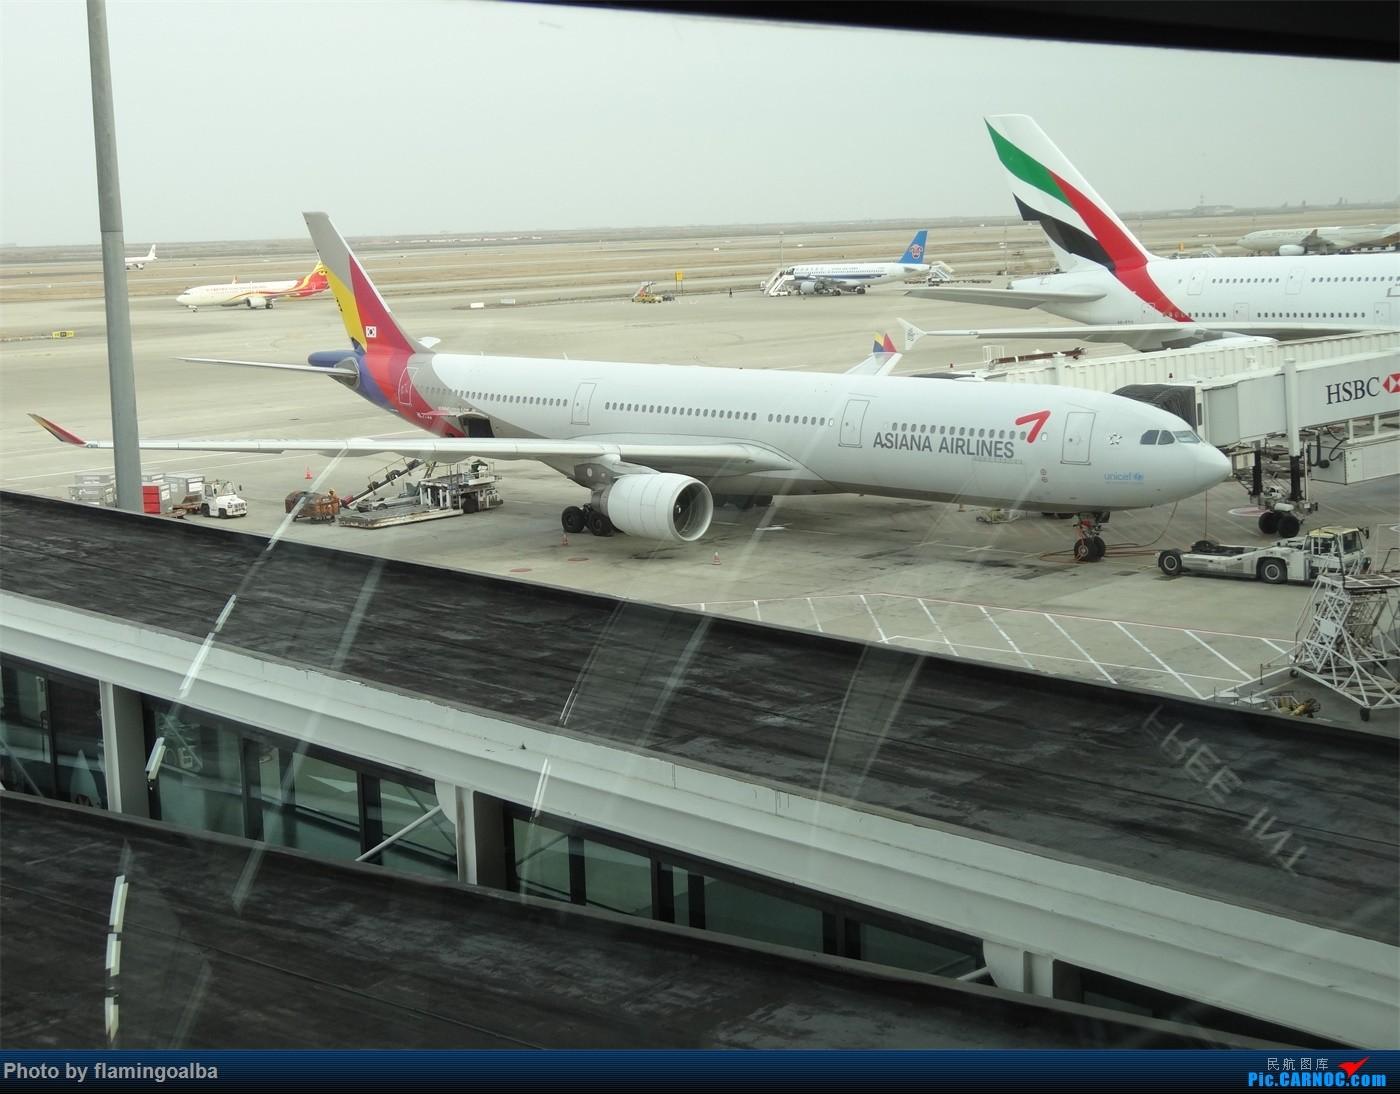 Re:[原创]浦东-达拉斯-纽瓦克-华盛顿里根-拉斯维加斯-洛杉矶-达拉斯-浦东 A330-300 HL-7795 中国上海浦东国际机场